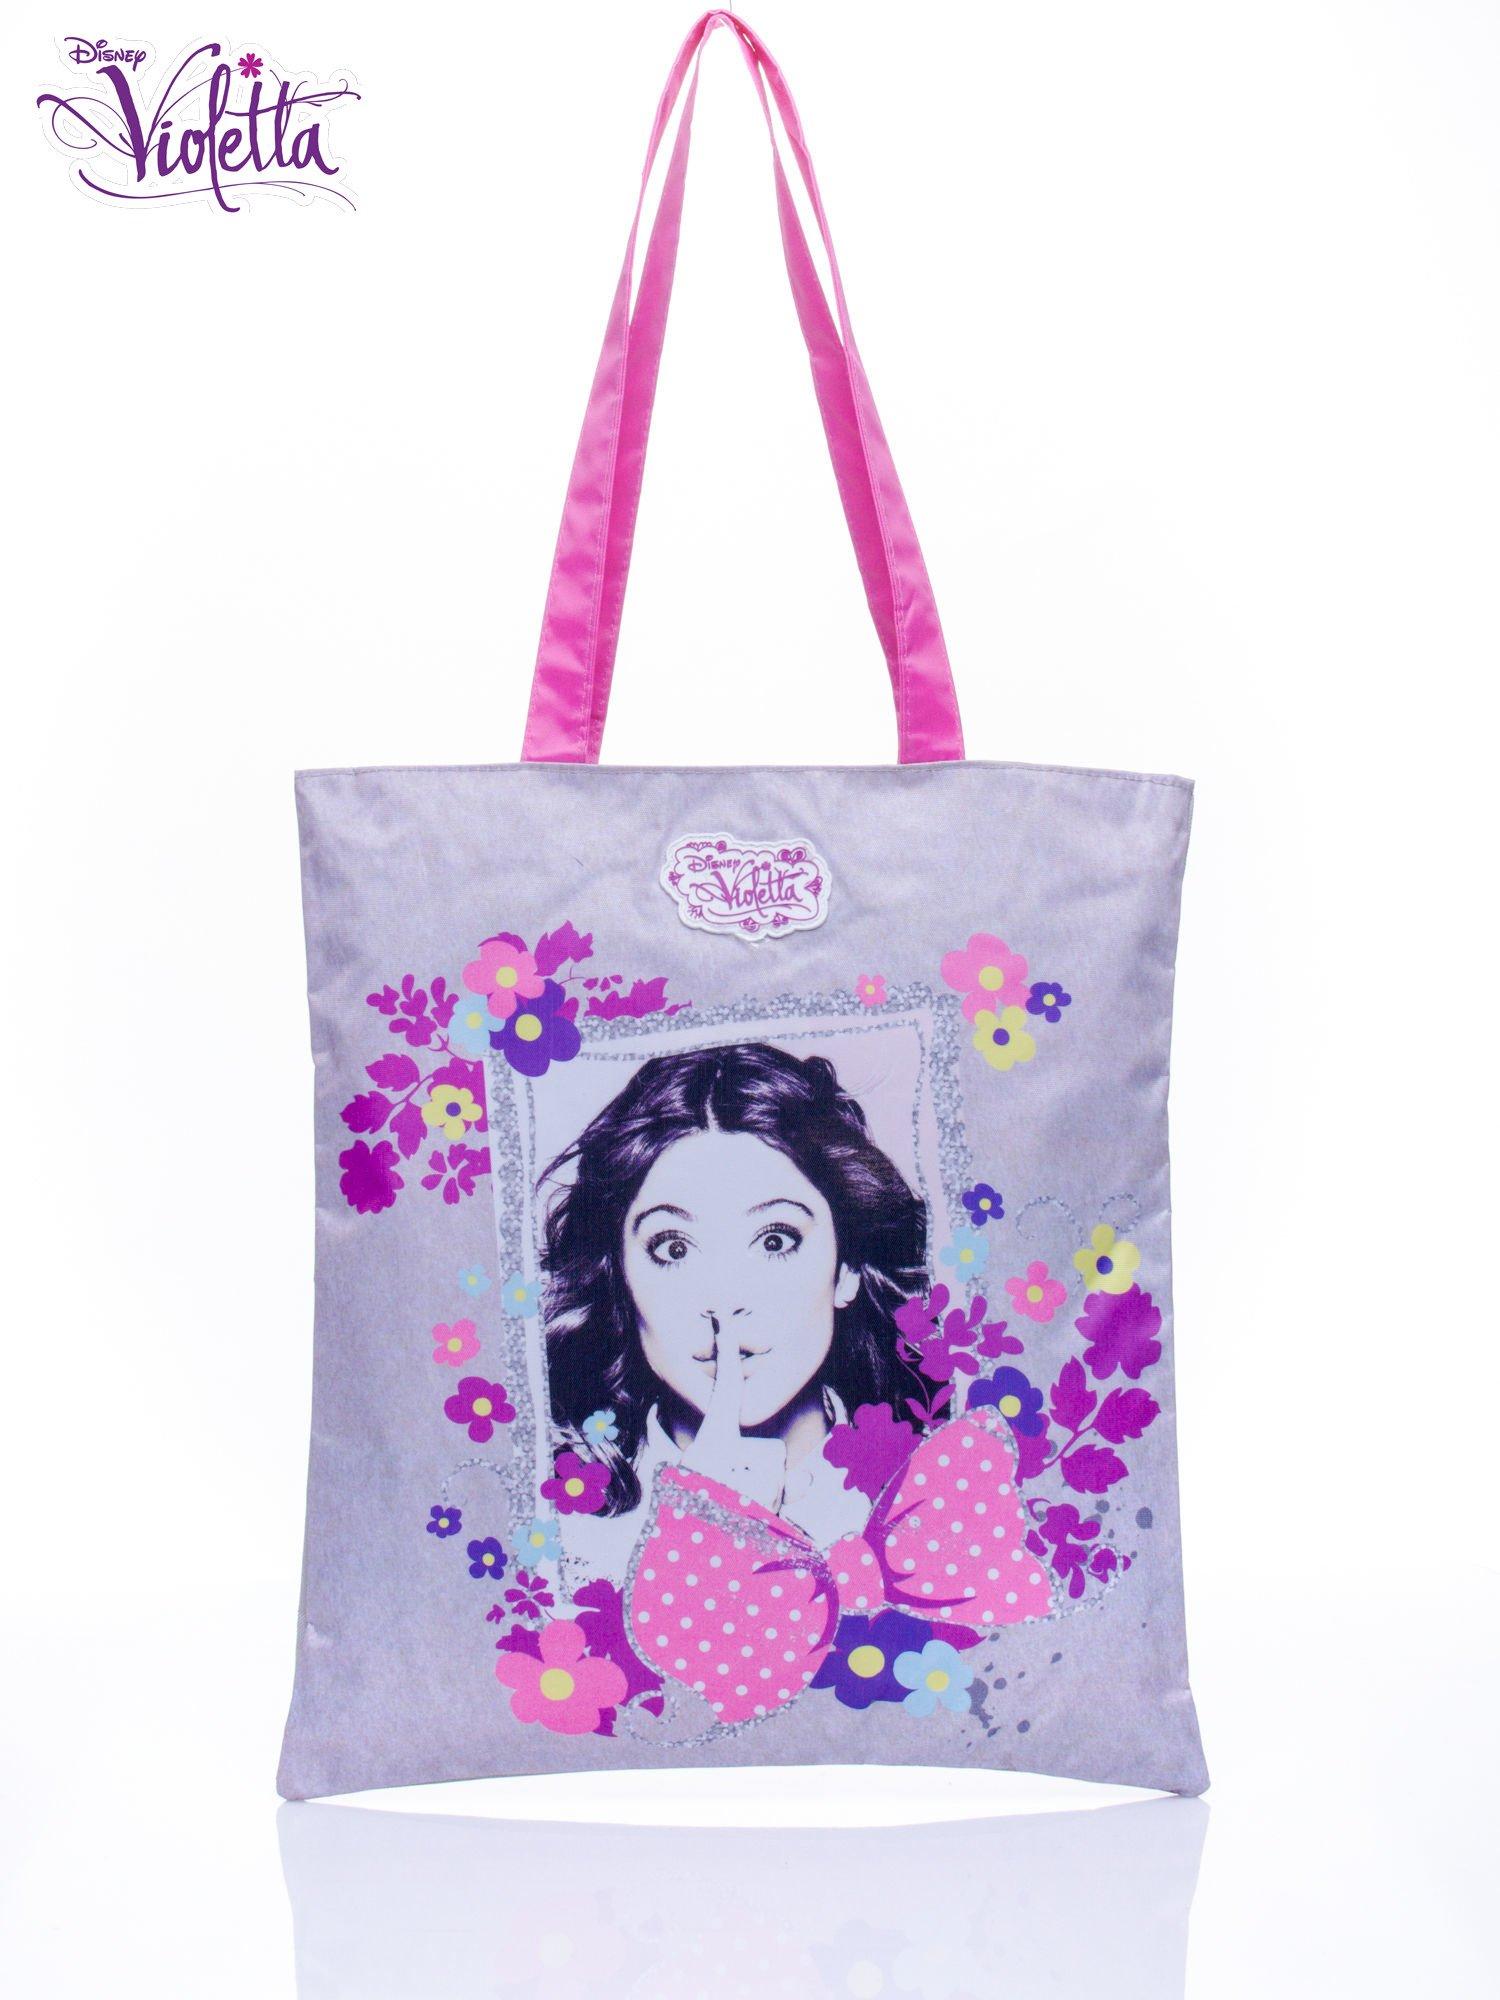 Szara torba shopper bag dla dziewczynki DISNEY Violetta                                  zdj.                                  1